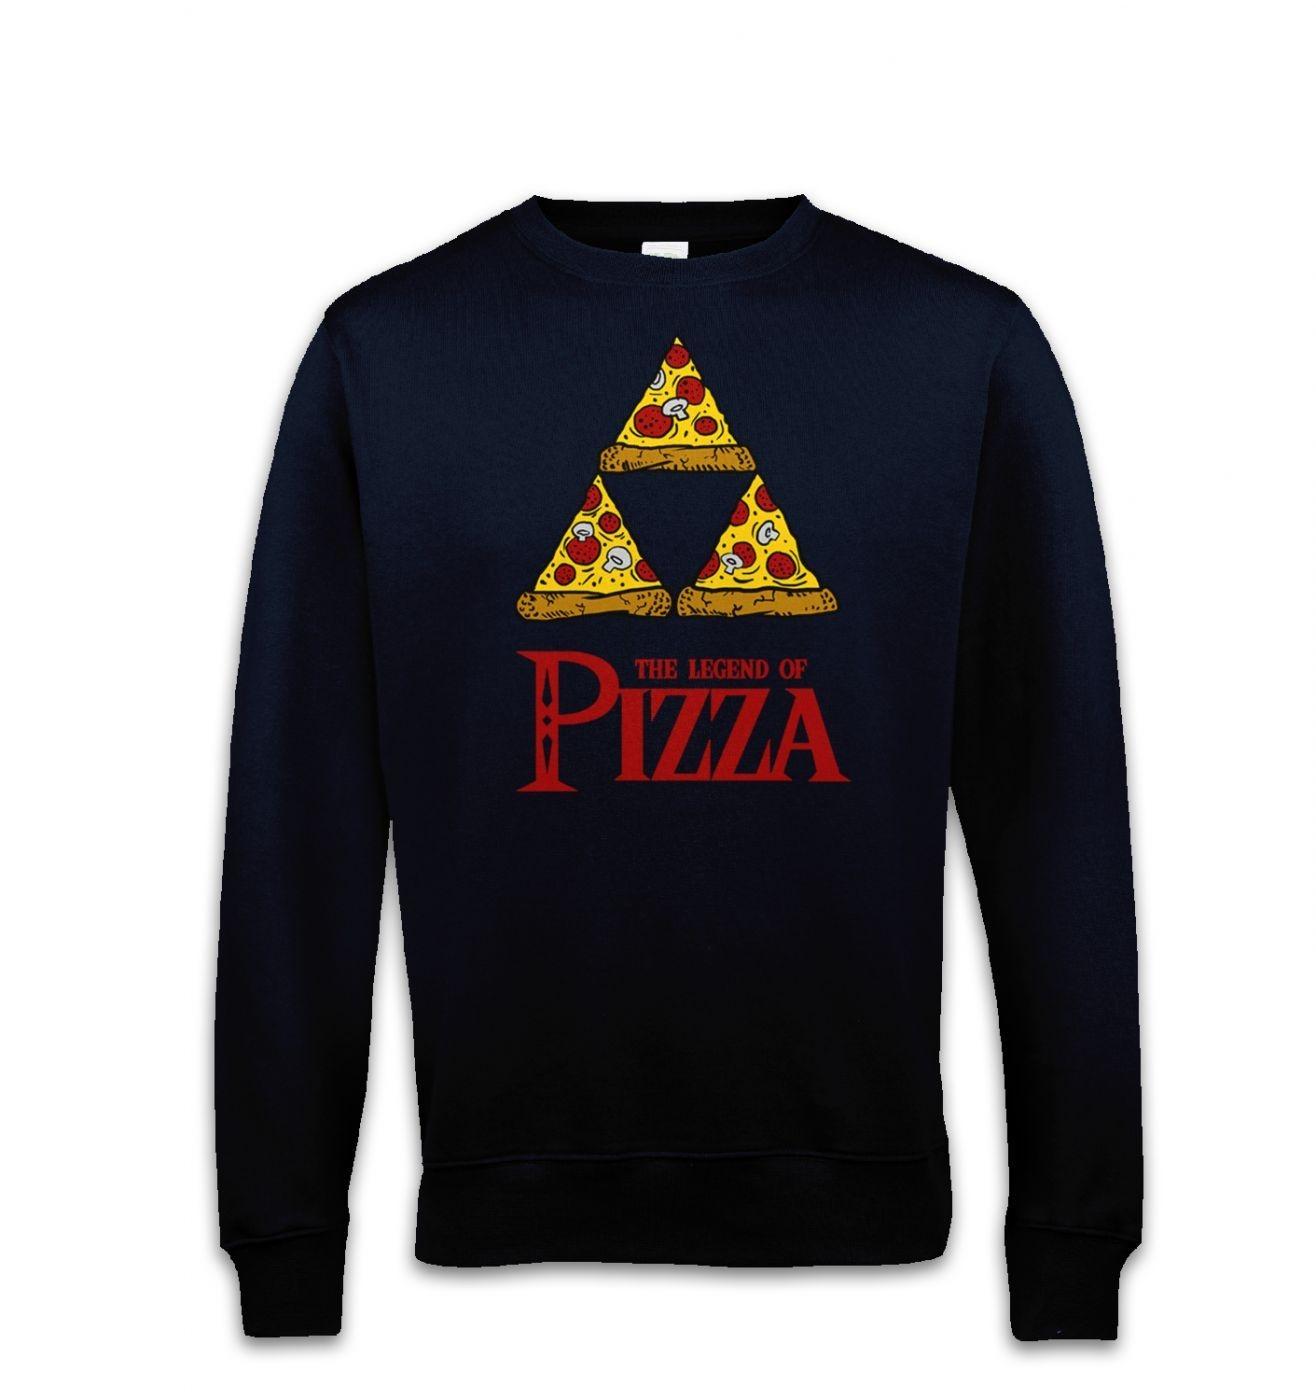 Legend Of Pizza sweatshirt